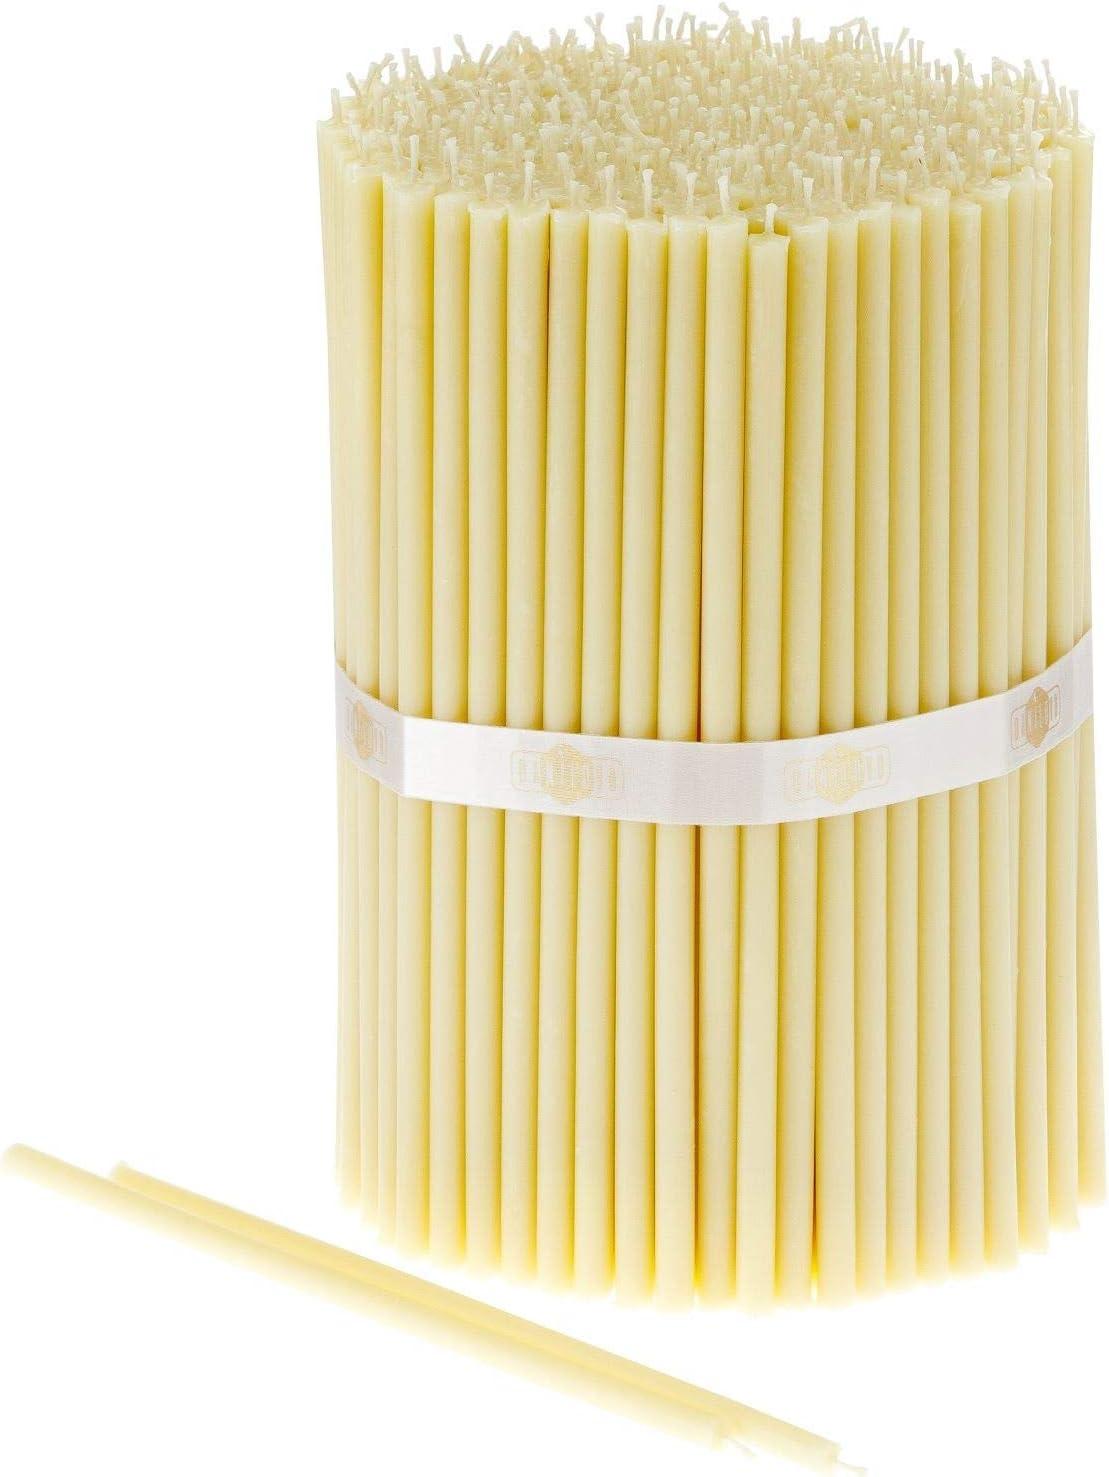 Danilovo 100 Velas Blancas de Cera de Abeja – Velas ortopédicas para oración, rituales, decoración de Mesa de Boda – no tóxicas, sin hollín – antigotes, N80, Altura: 18,5 cm, diámetro: 6,1 mm